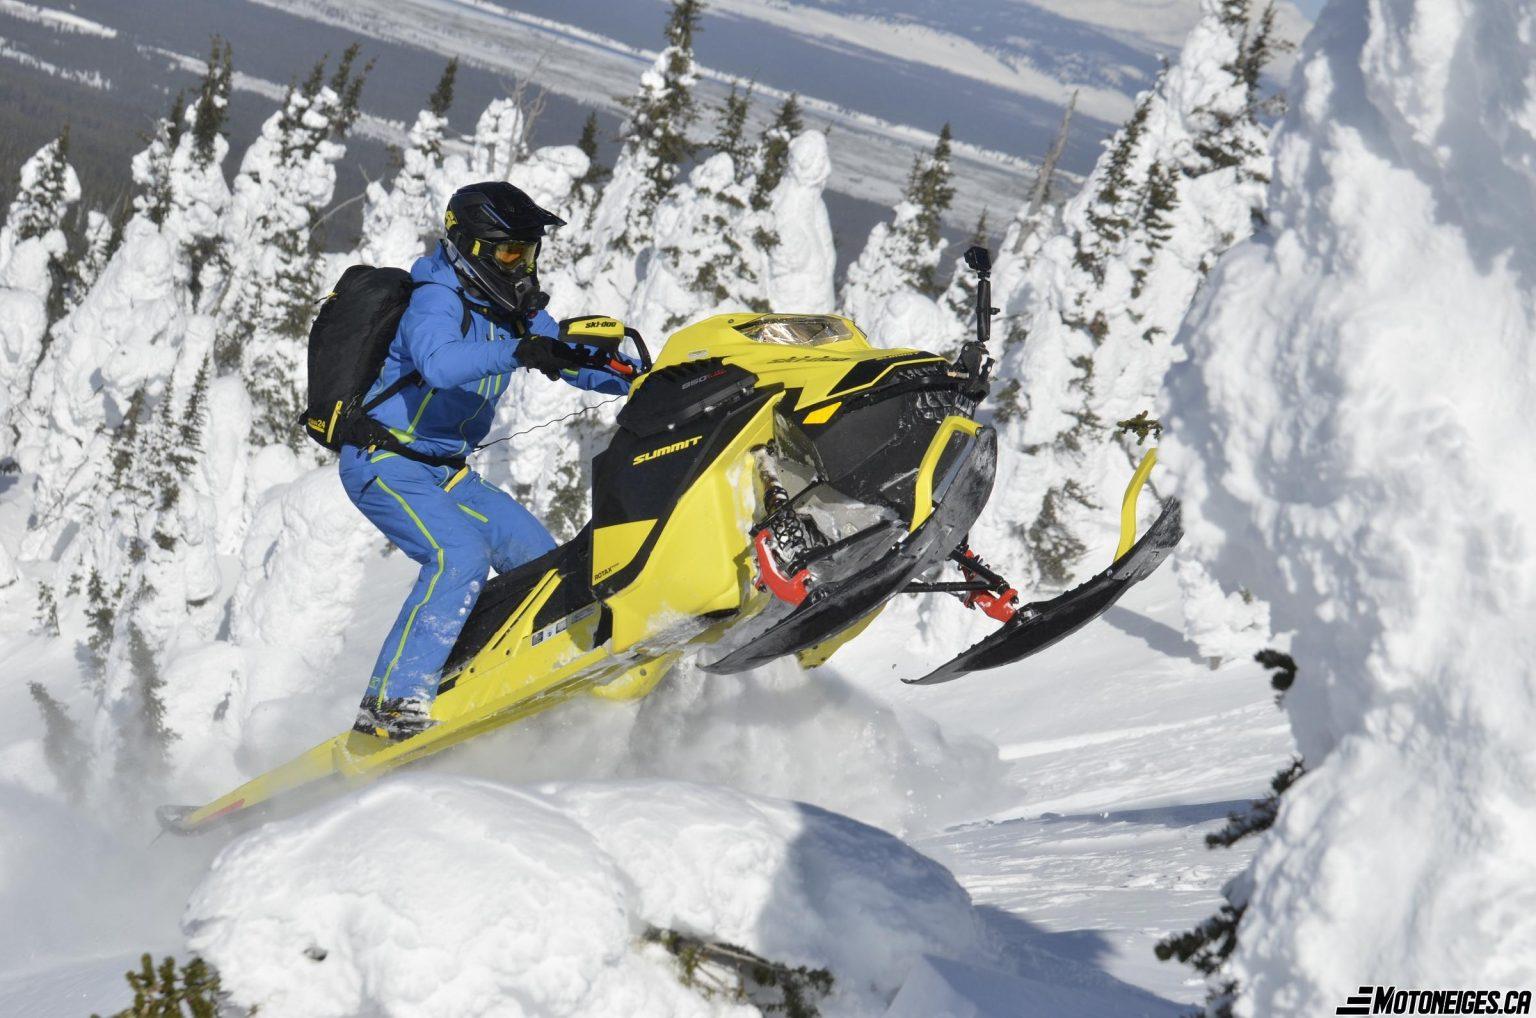 BRP/Ski-Doo prolonge les garanties de ses produits de 90 jours